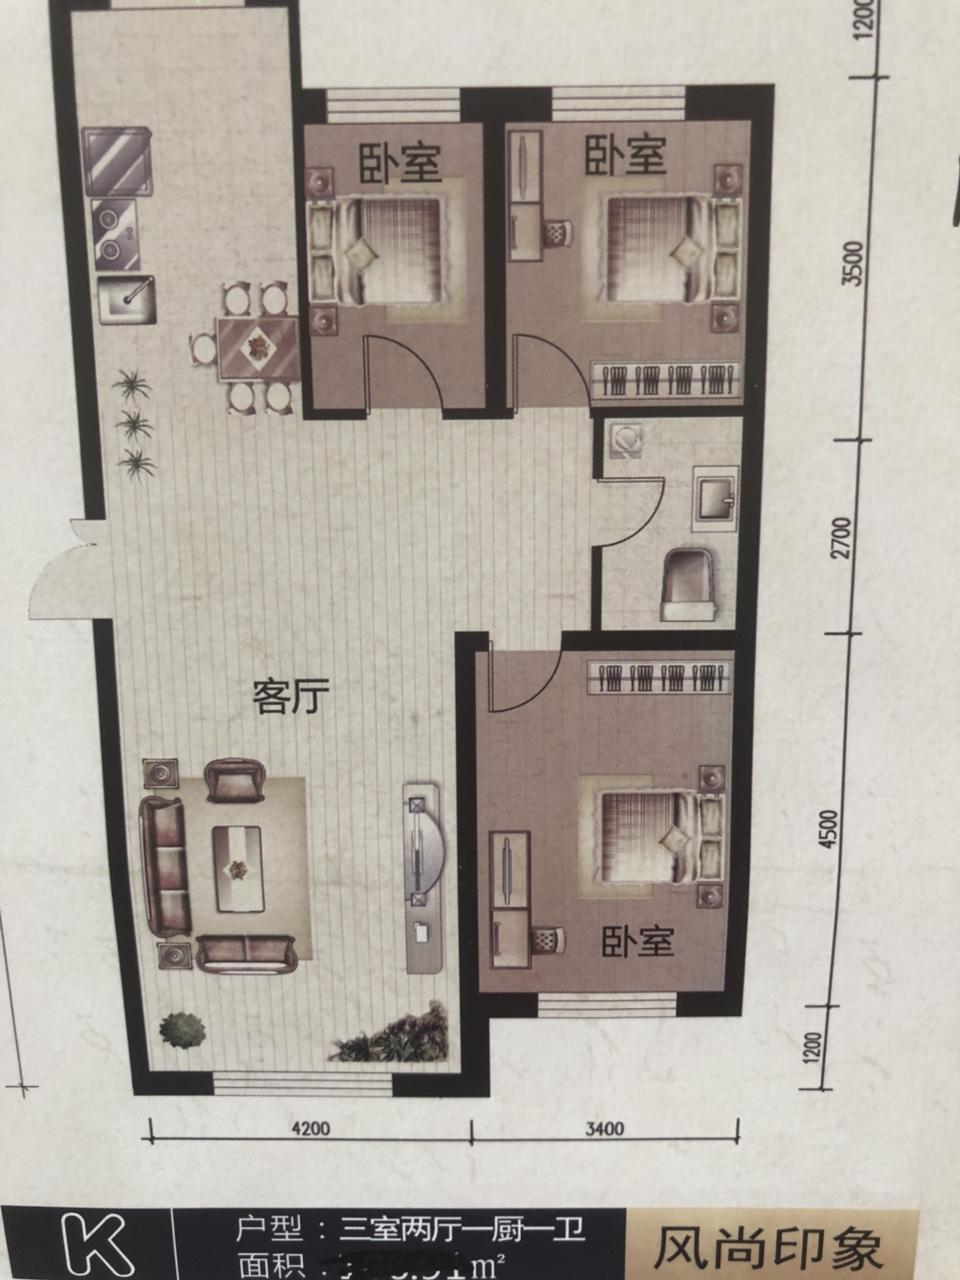 鳳凰城3室 2廳 2衛面議